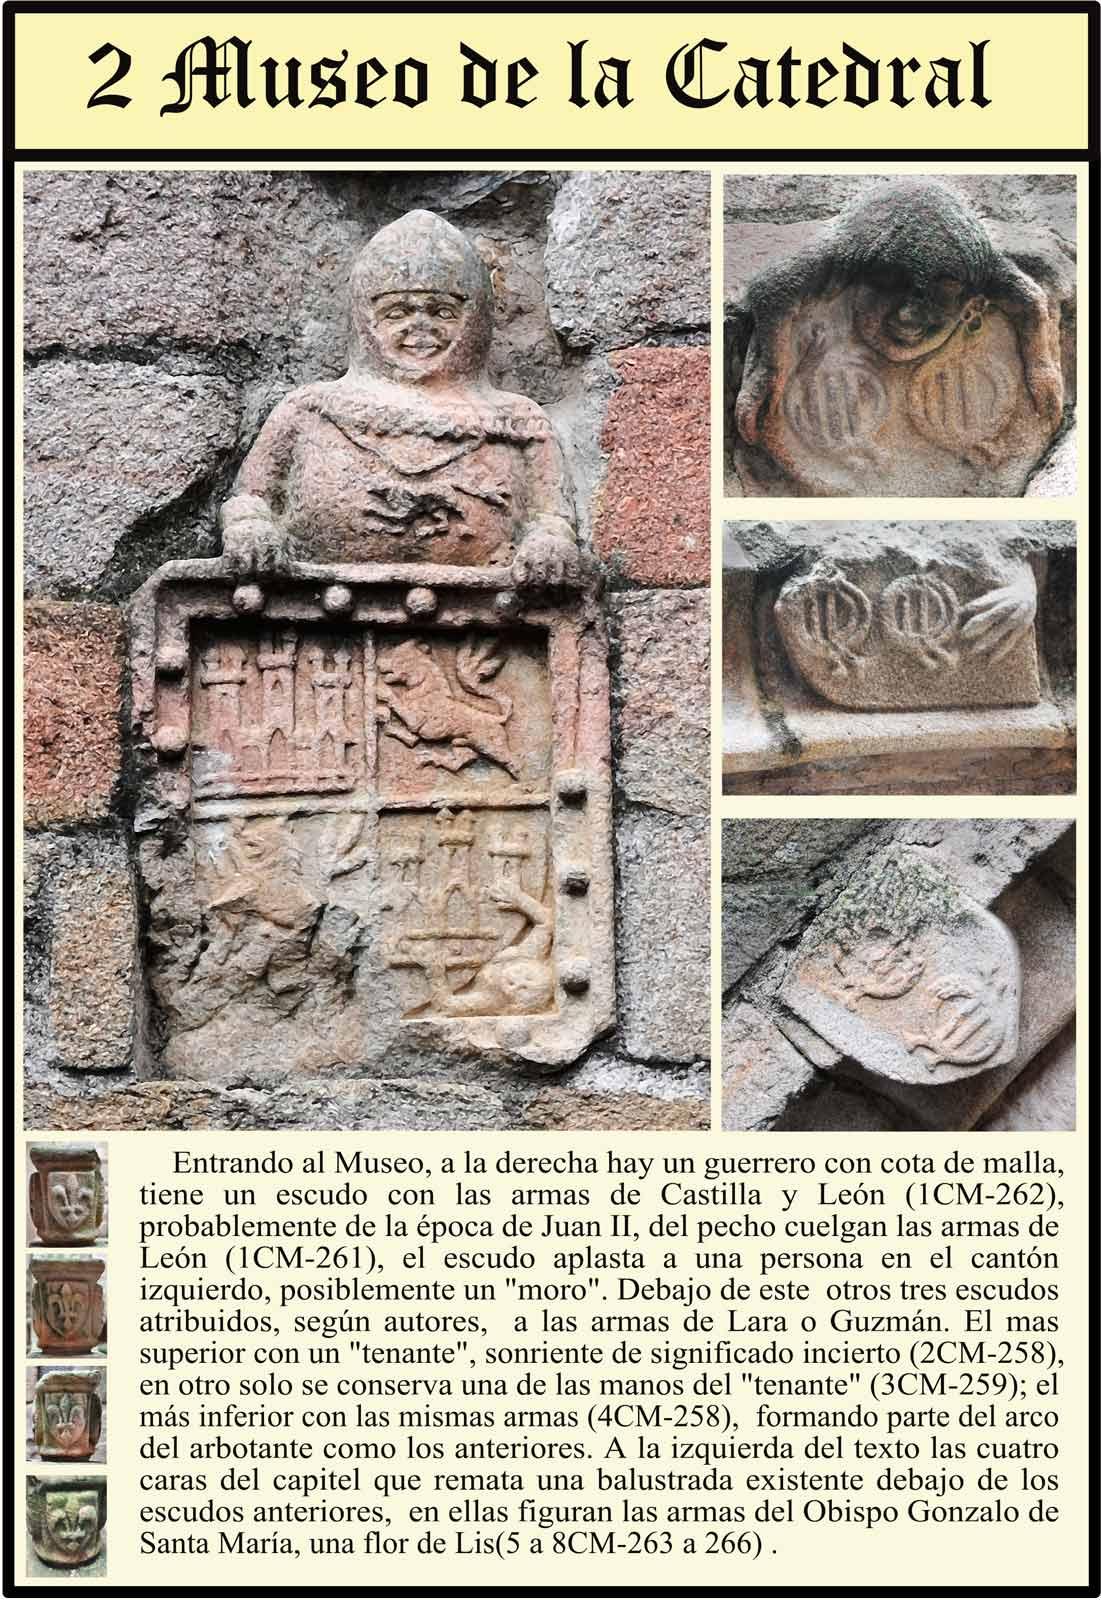 Guerrero en el museo de la Catedral Vieja. Escudo Castilla y león